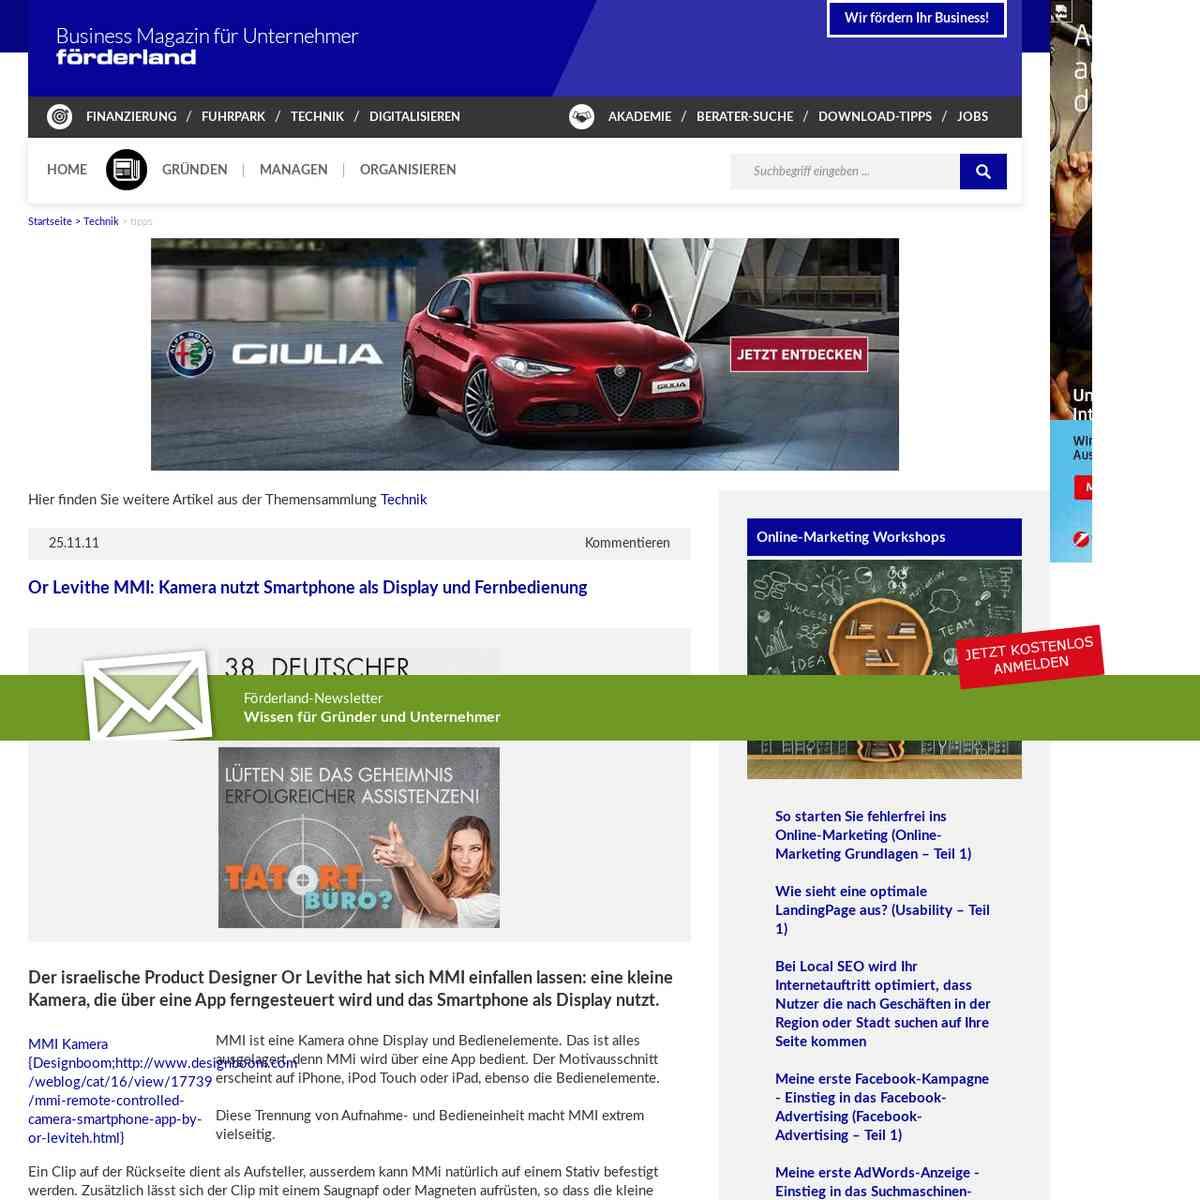 neuerdings.com/2011/11/25/or-levithe-mmi-kamera-nutzt-smartphone-als-display-und-fernbedienung/